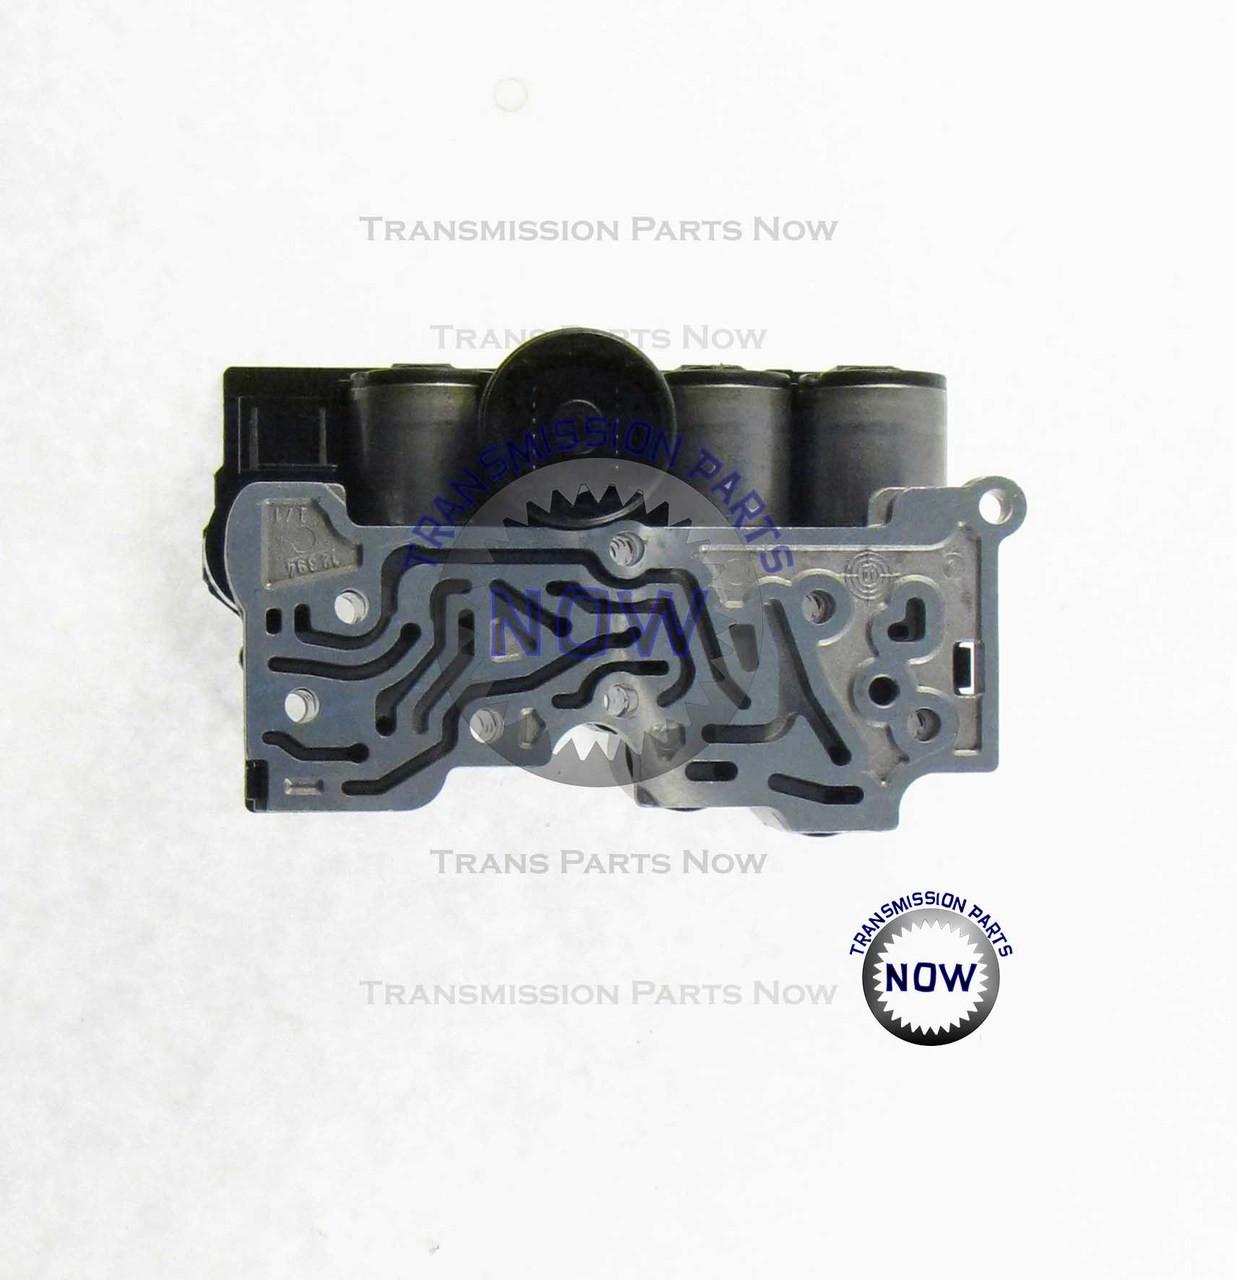 Quality Rebuilt 5R55N Solenoid Pack TransPartsNow